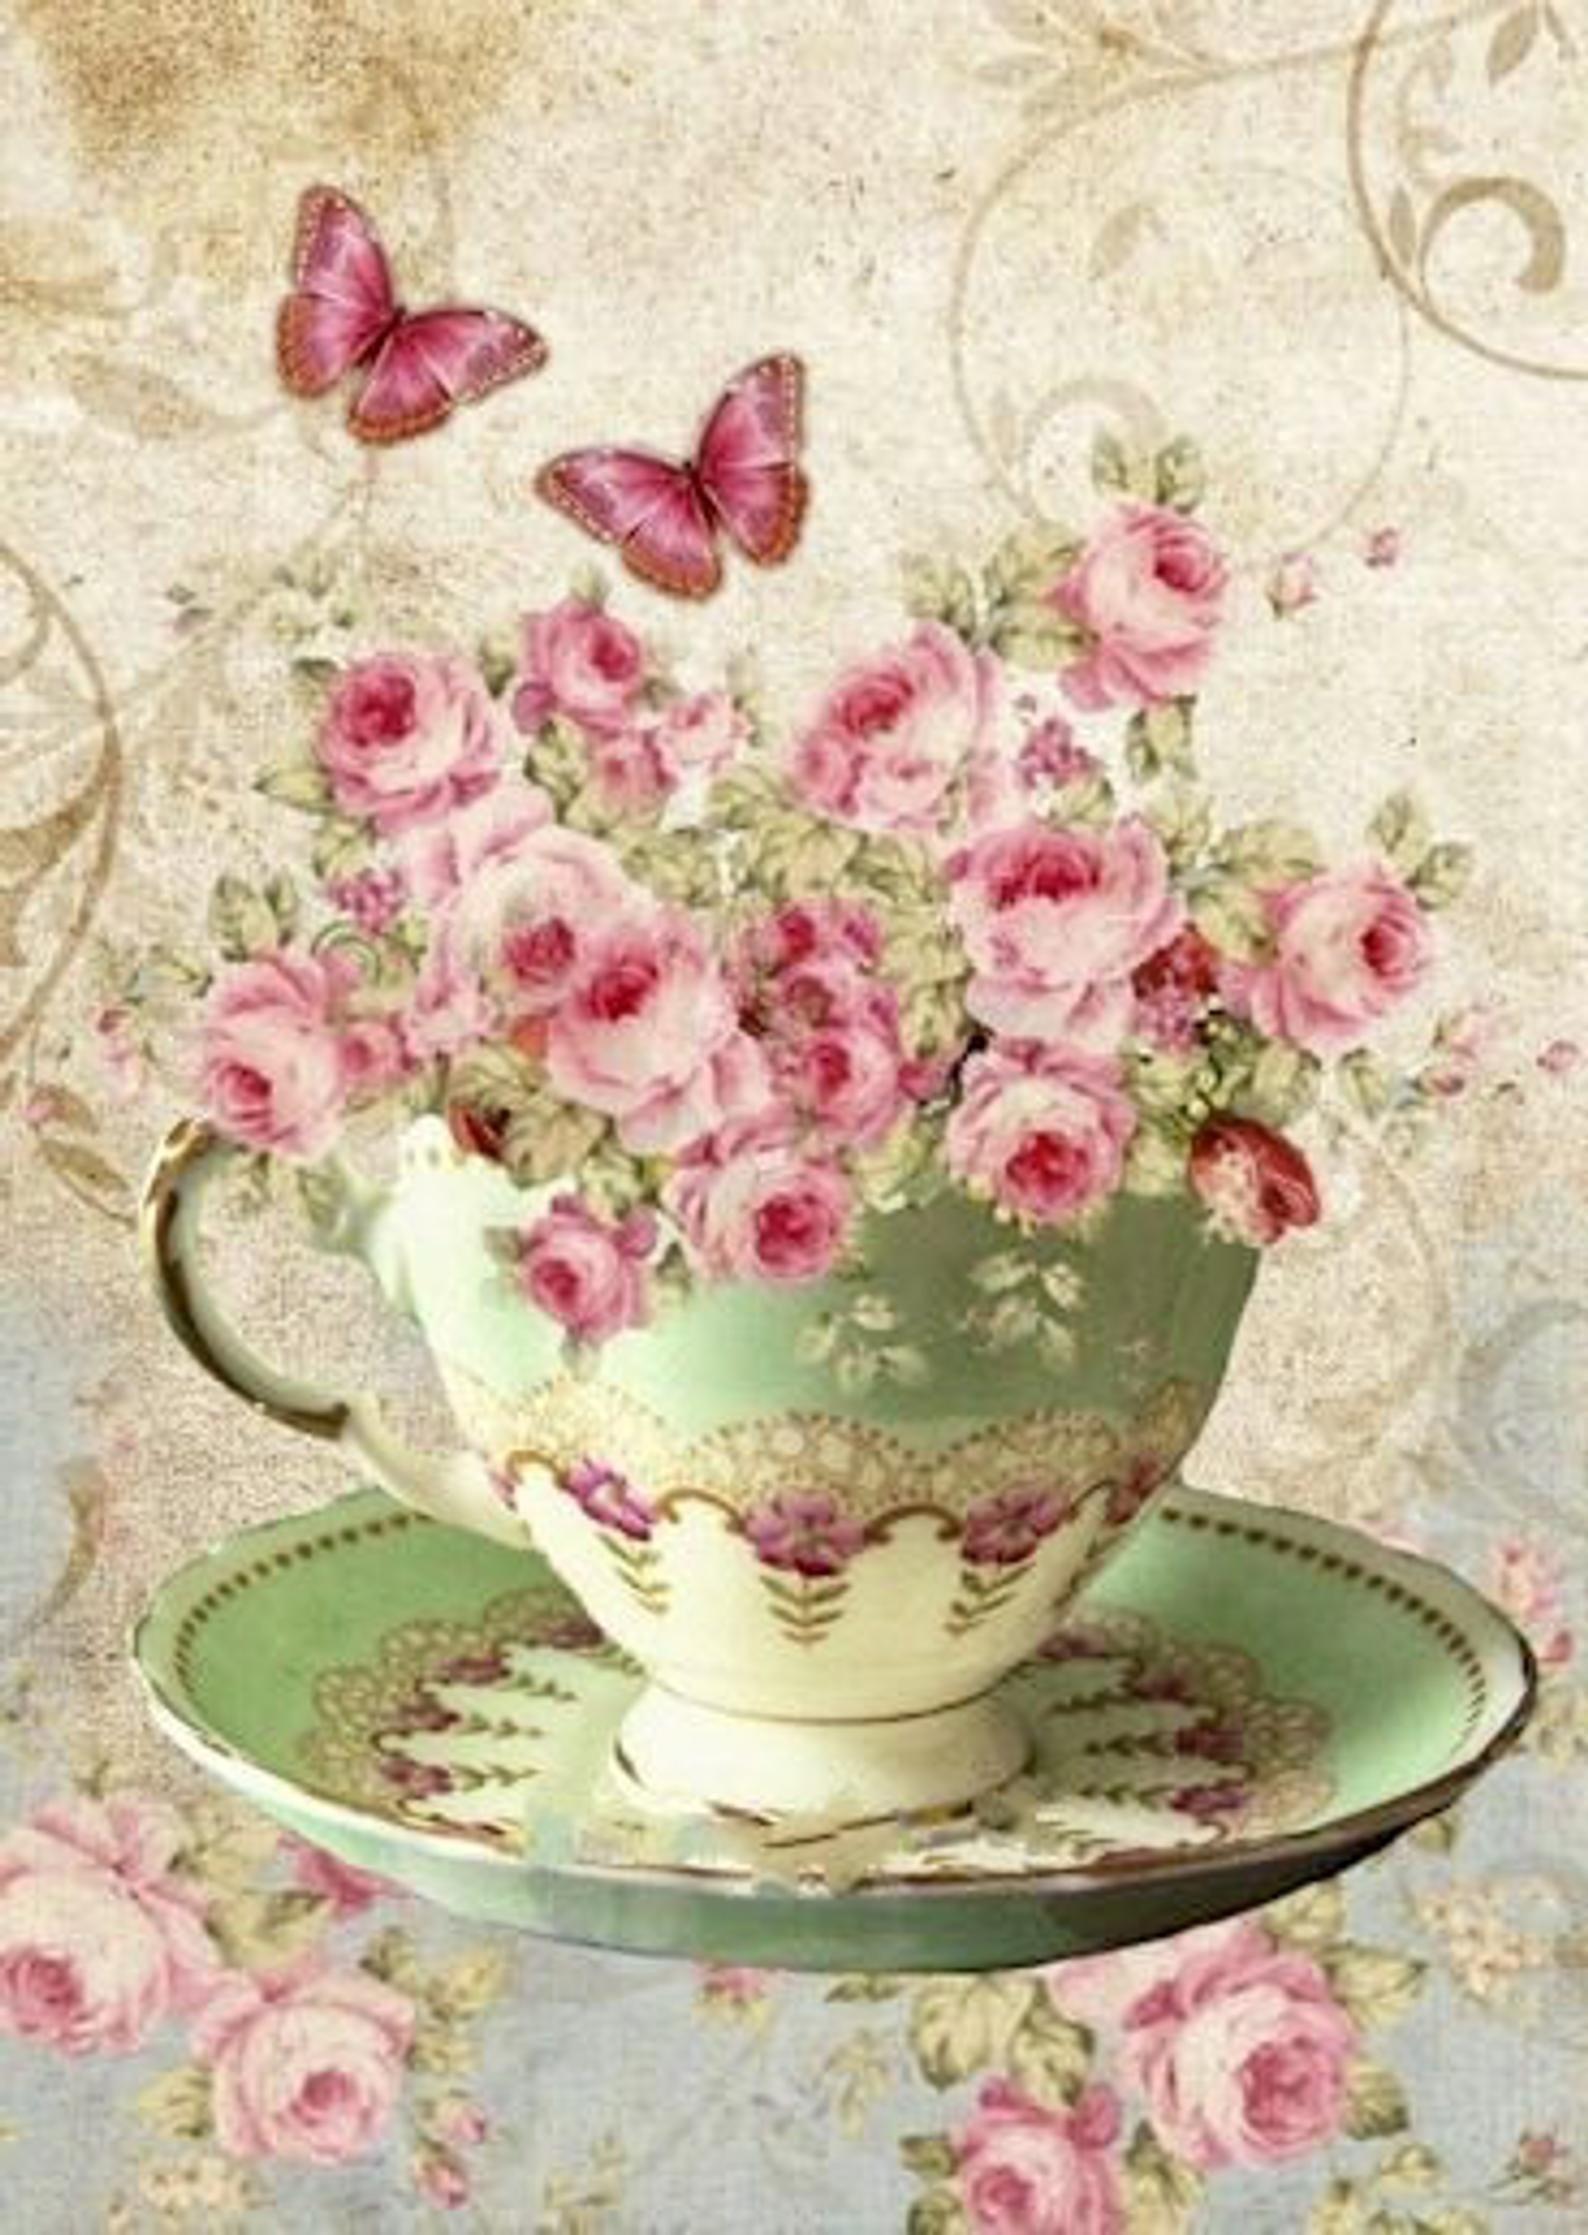 Vintage rosa rosas taza de mantequillamariposas imagen gráfica arte tela bloque Doodaba